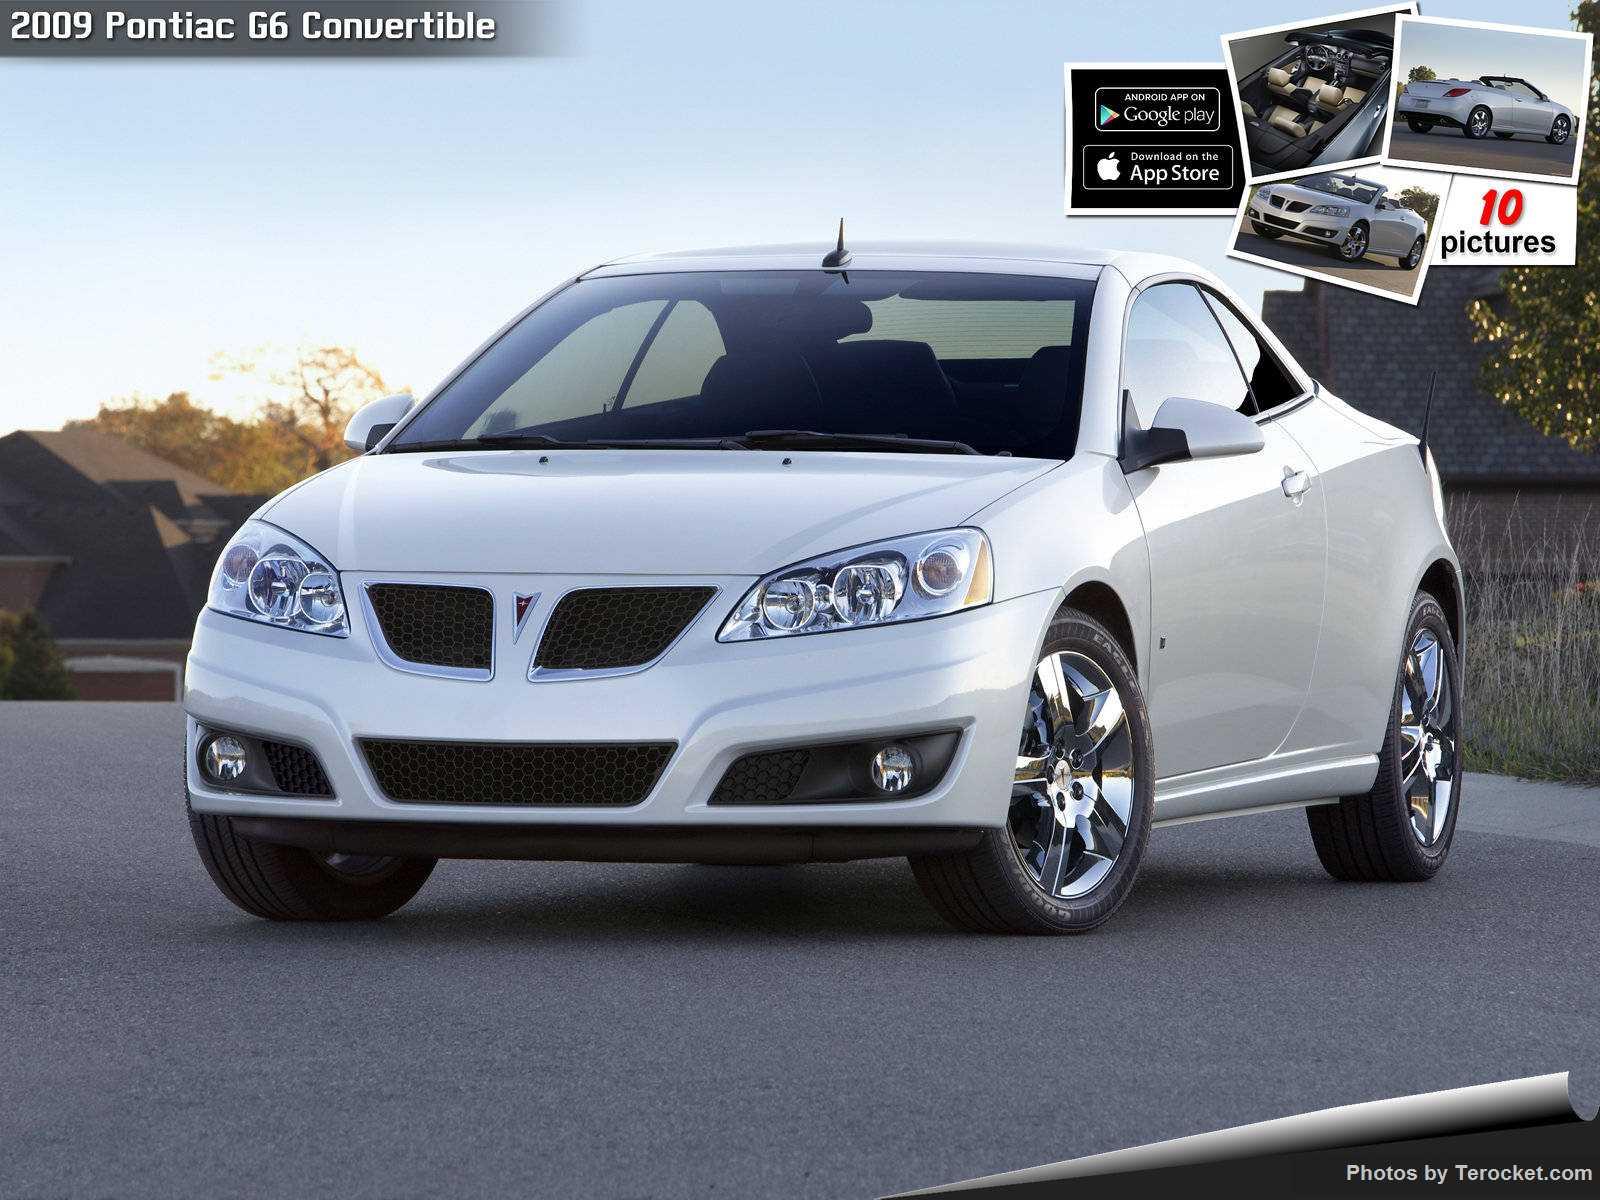 Hình ảnh xe ô tô Pontiac G6 Convertible 2009 & nội ngoại thất